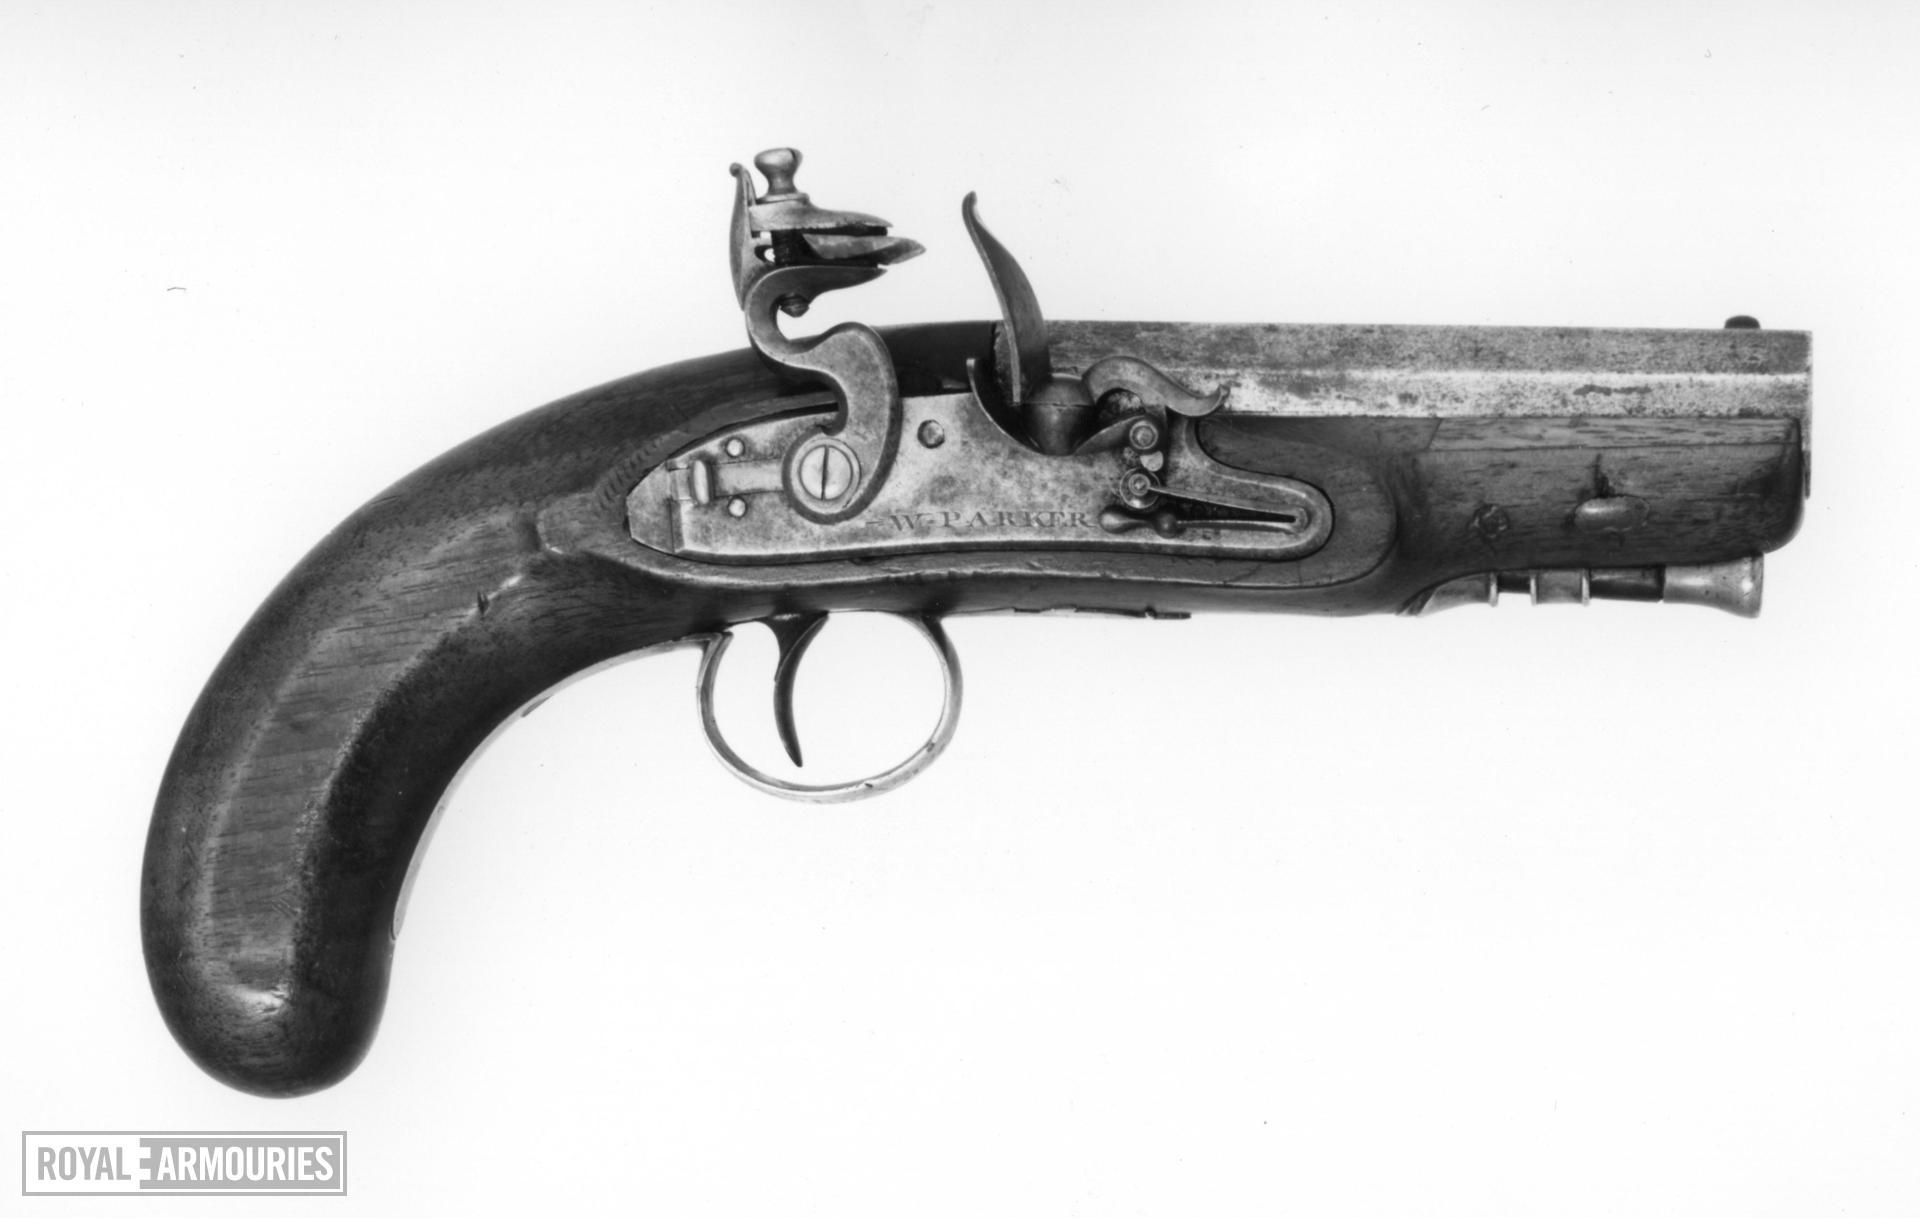 Flintlock muzzle-loading pistol - By W. Parker Of large pocket size.